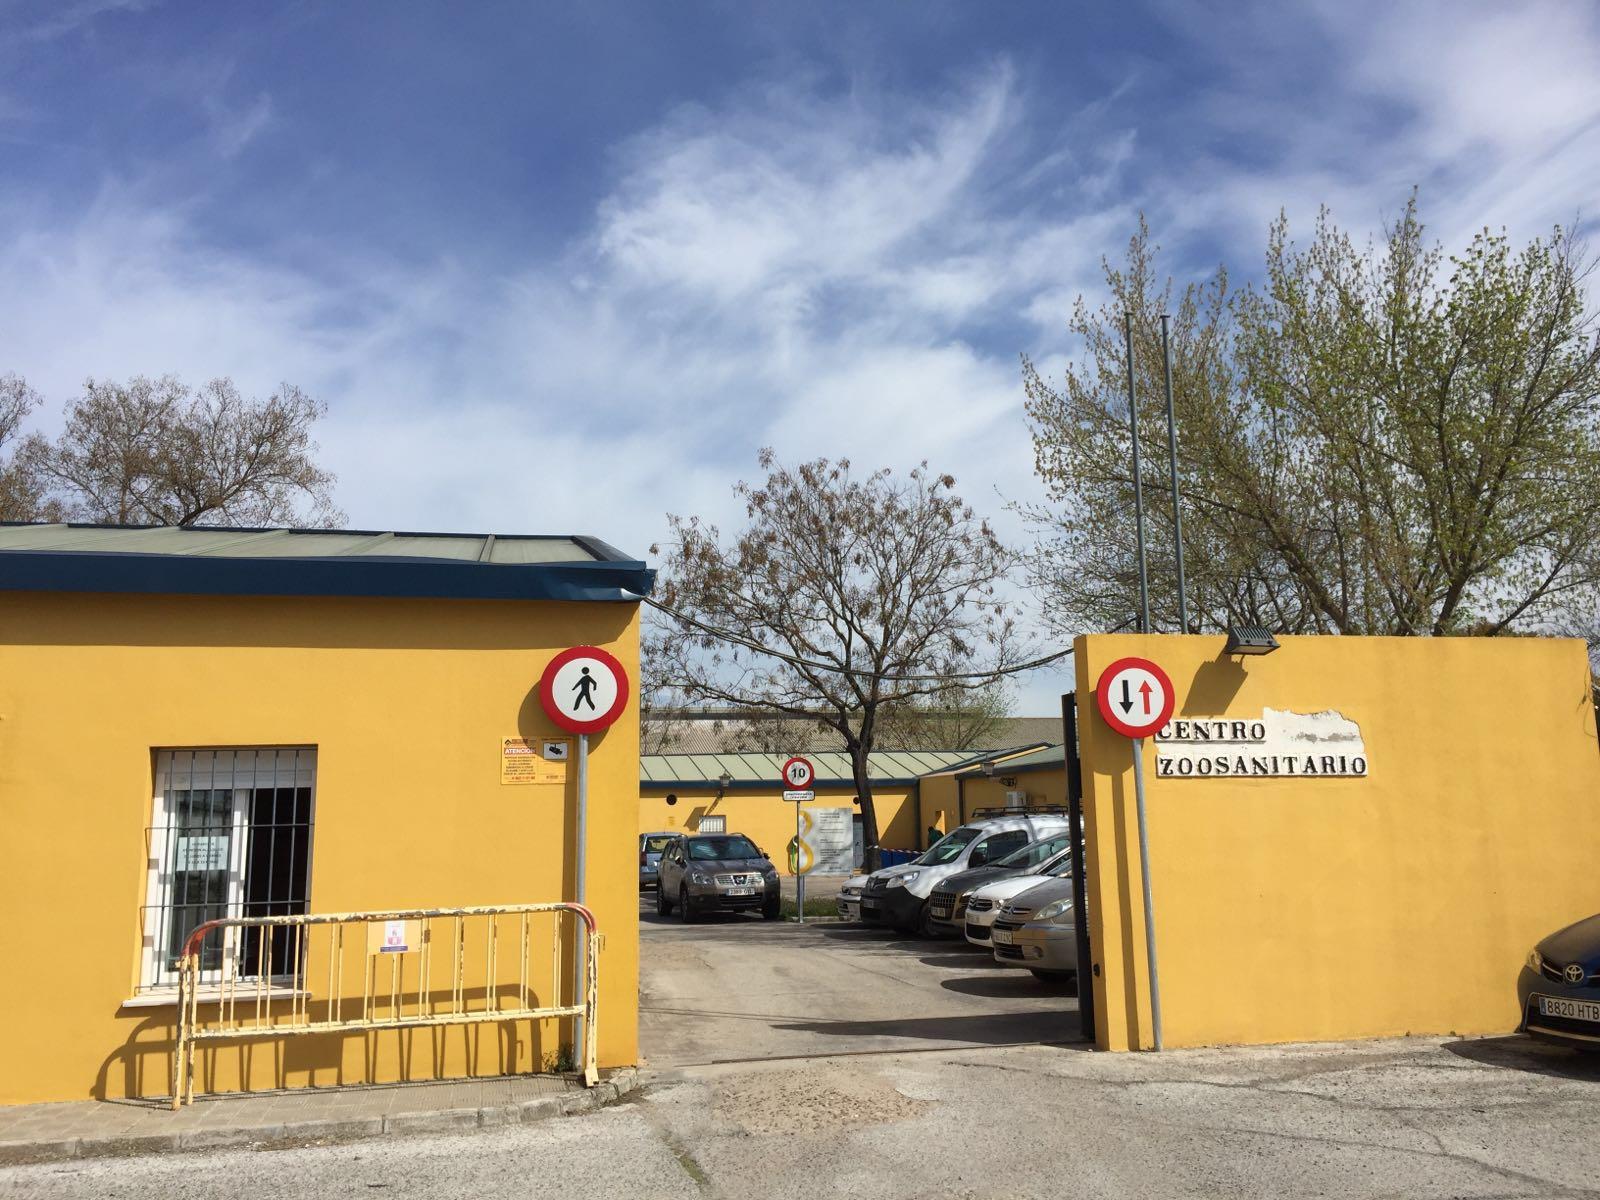 rehabilitación del zoosanitario, díaz cubero, DIAZ CUBERO, sevilla, zoosanitario de sevilla